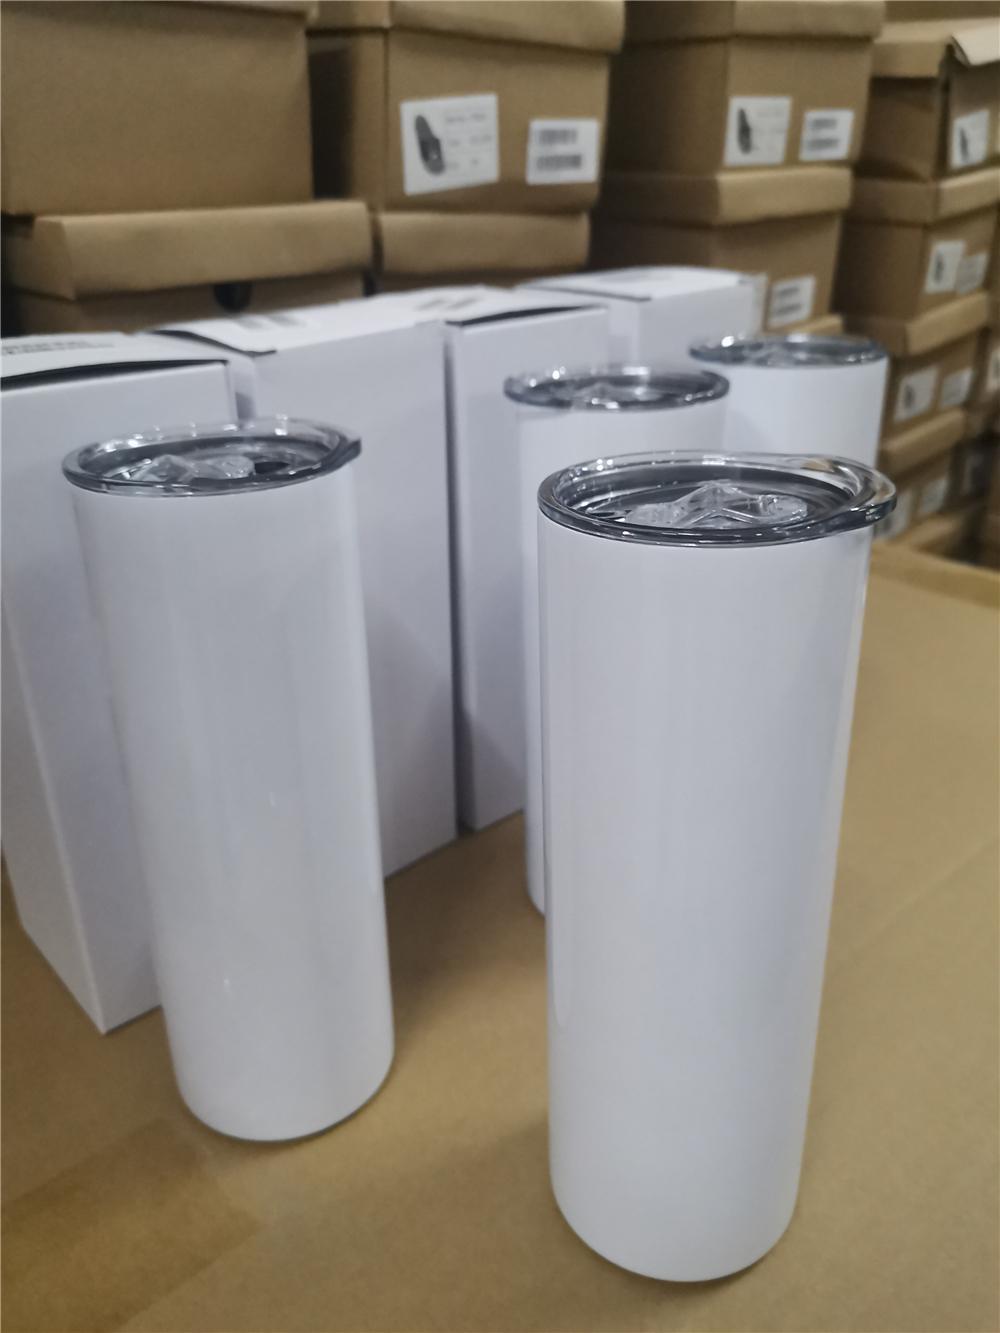 Nuovi bicchieri dritti skinny a sublimazione a sublimazione 20 once con bottiglie d'acqua in acciaio inox di paglia drinkware ufficio tazze da partito tazze da festa DHL spedizione